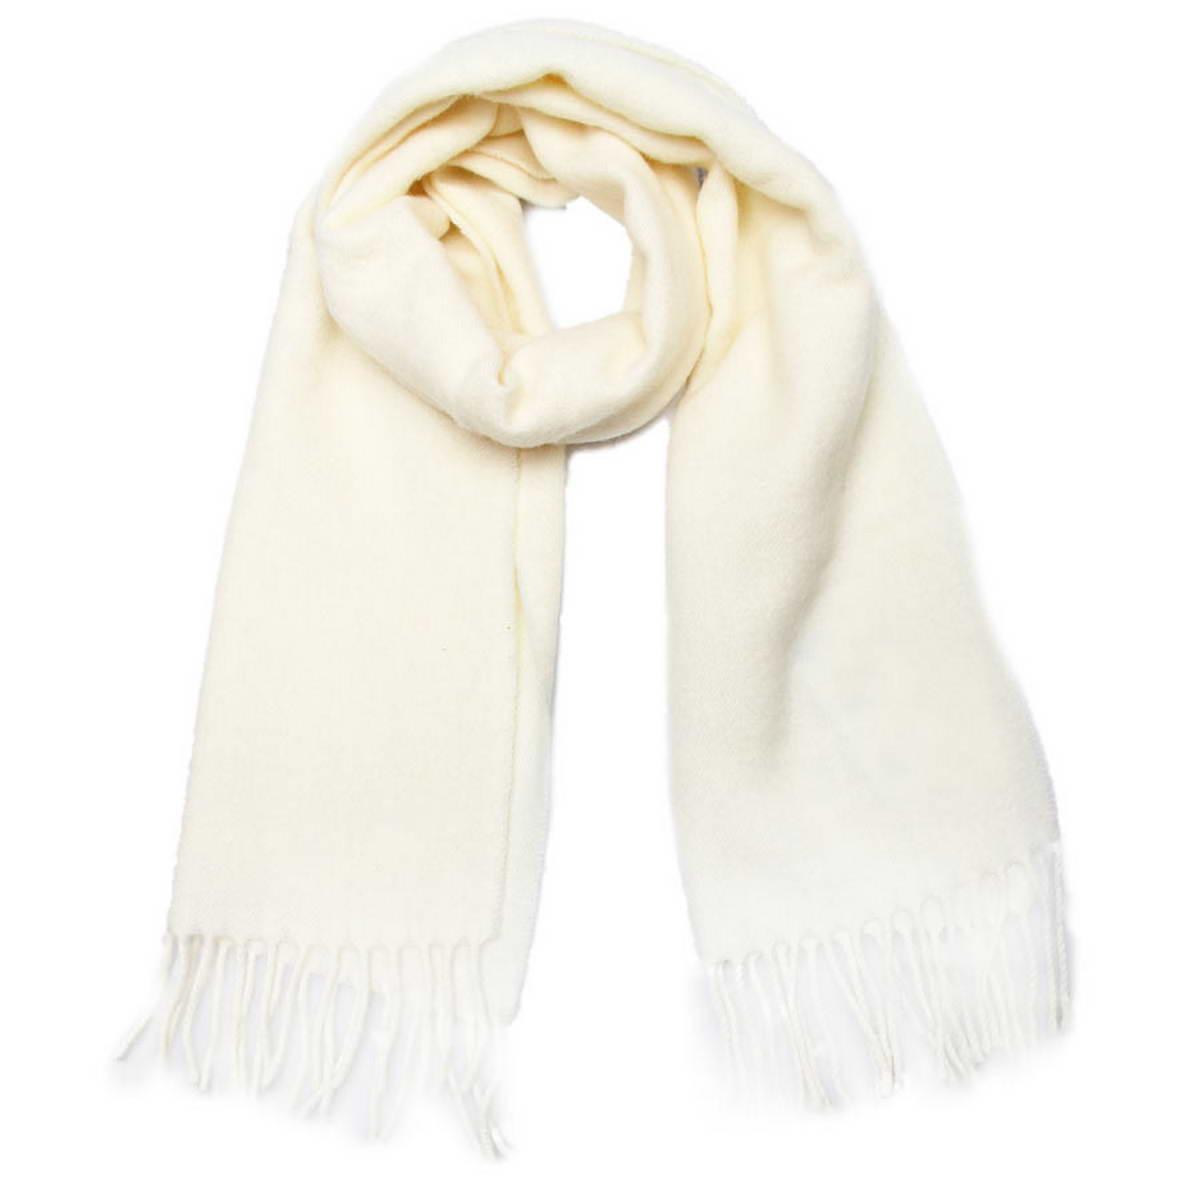 5002432-10Классический однотонный шарф Venera, выполненный из натуральной шерсти, создан подчеркнуть ваш неординарный вкус и согреть вас в прохладное время года. Модель дополнена кисточками по краям, несмотря на простой дизайн, аксессуар сделает ваш образ стильным и завершенным. Этот модный аксессуар не только согреет вас в холодное время года, но гармонично дополнит ваш образ.